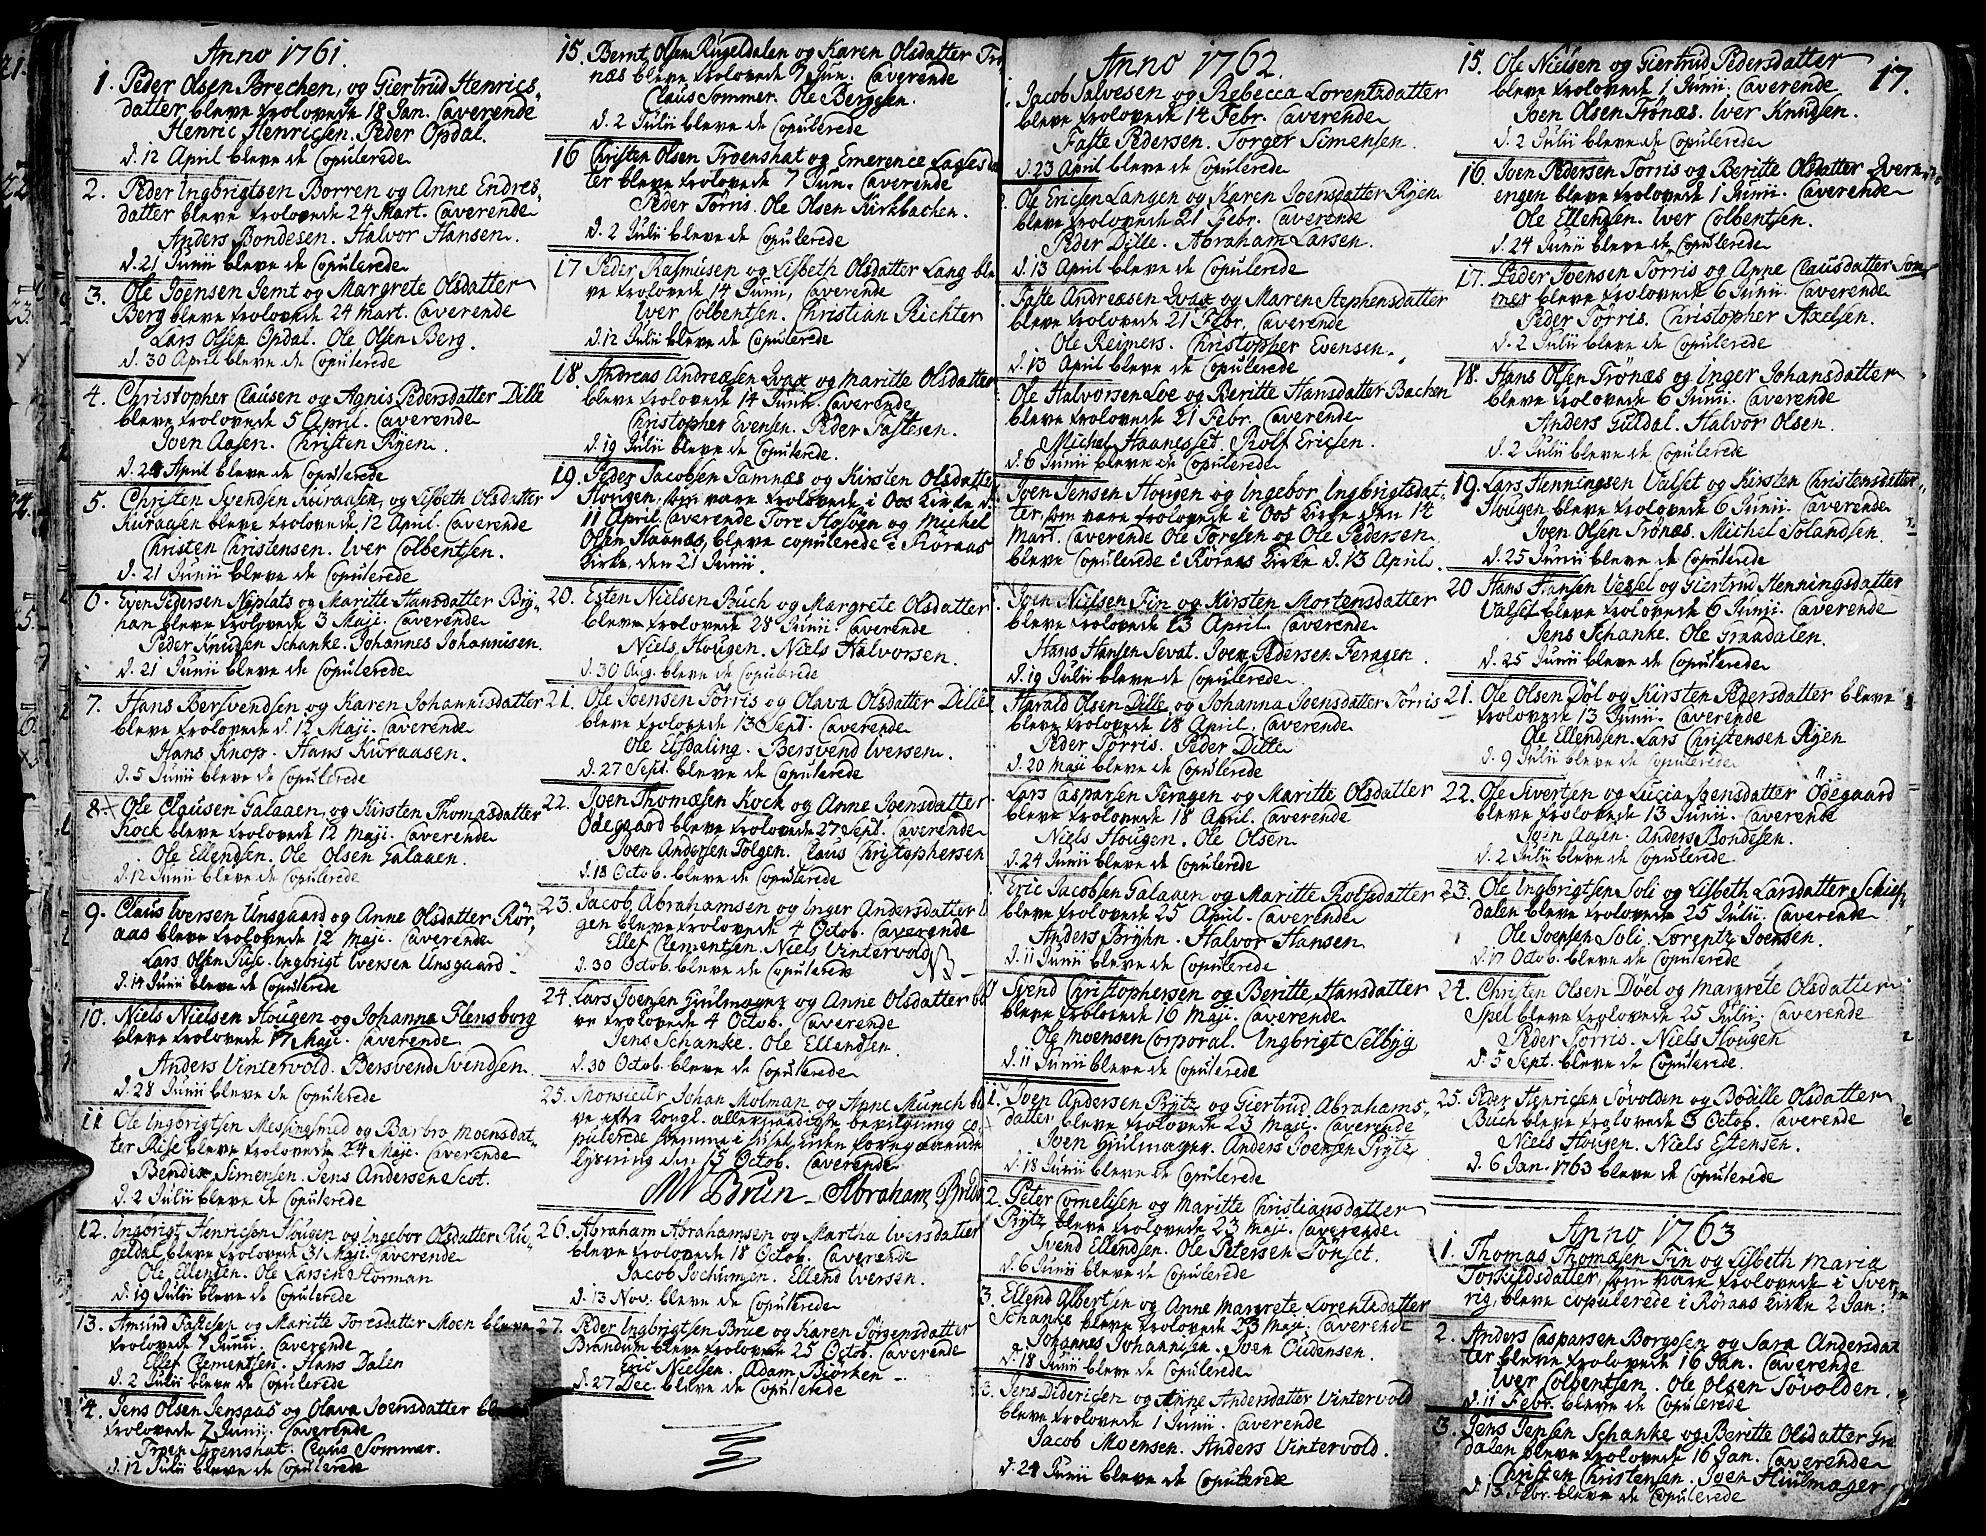 SAT, Ministerialprotokoller, klokkerbøker og fødselsregistre - Sør-Trøndelag, 681/L0925: Ministerialbok nr. 681A03, 1727-1766, s. 17